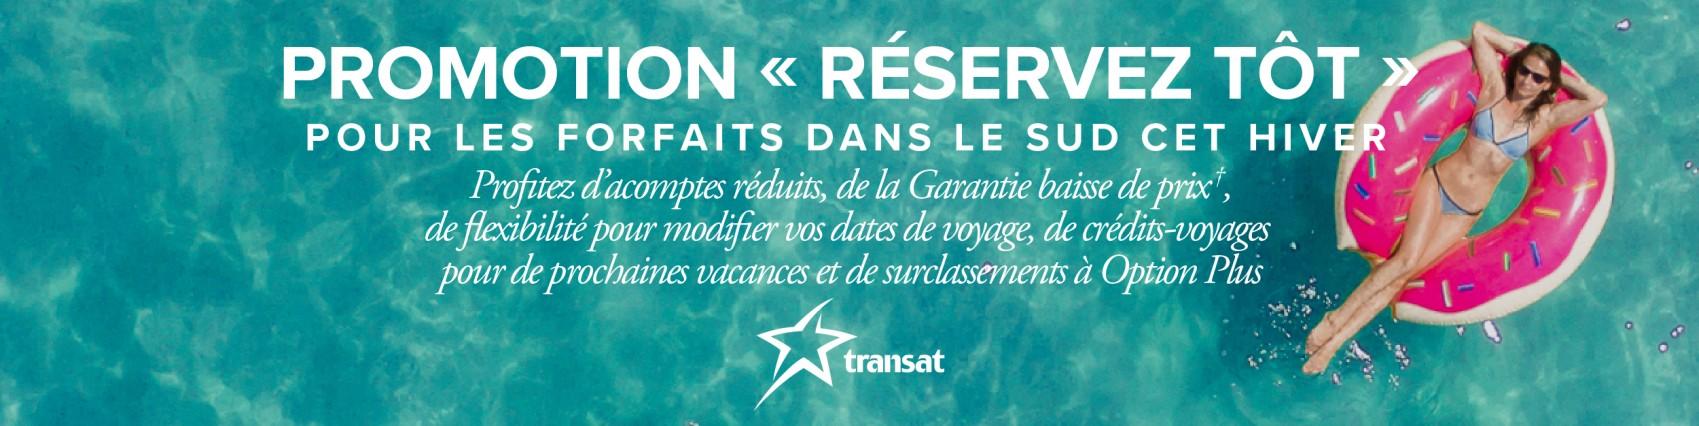 L'hiver prochain, passez des vacances en famille dans le Sud et économisez avec Transat